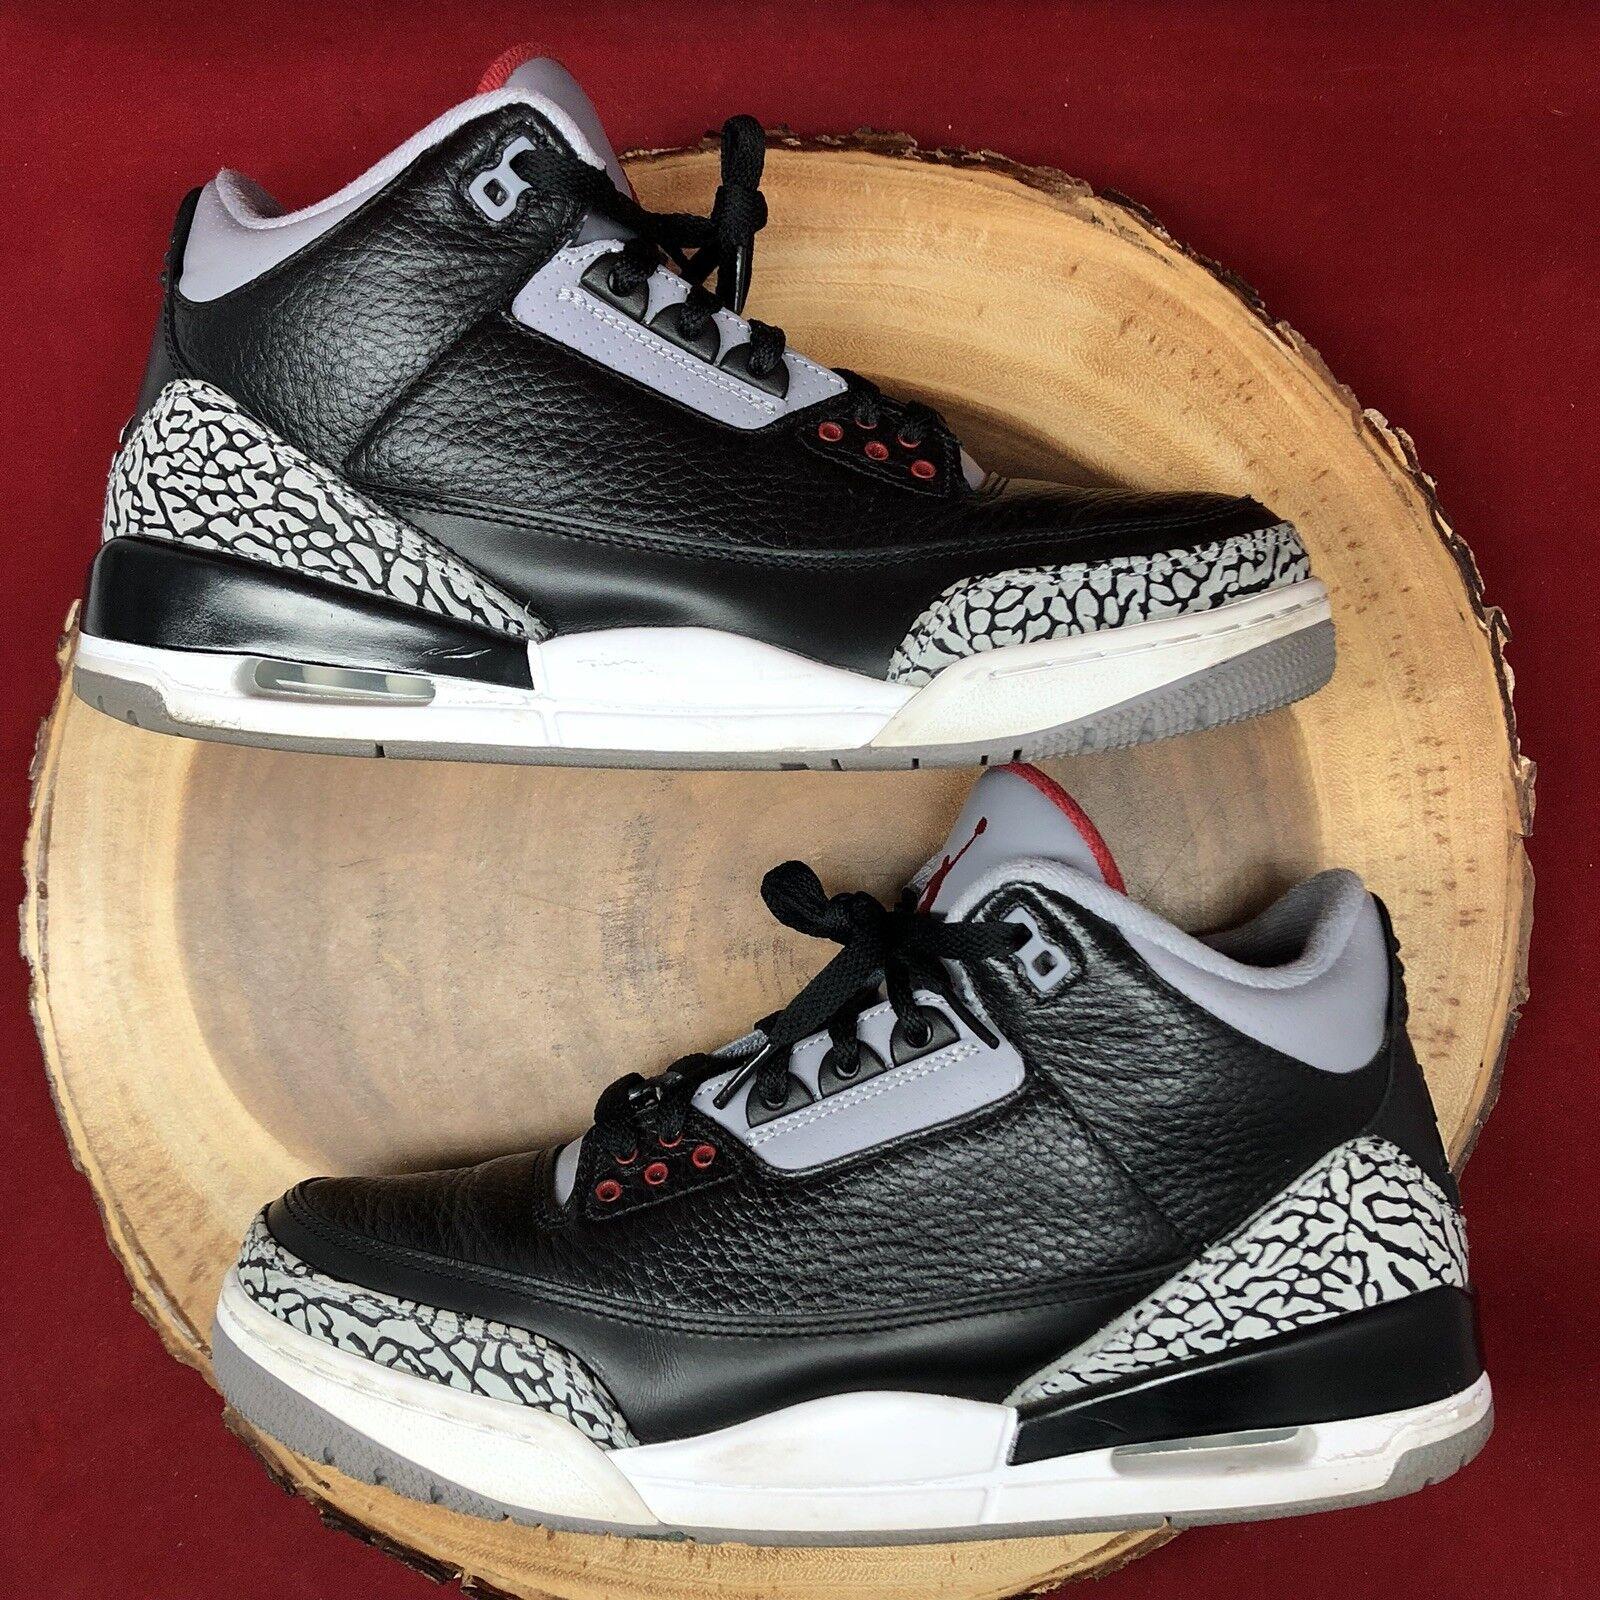 Nike Air Jordan Retro Bc3 3 Bc3 Retro Cemento Bianco Nero Sz 10,5 Iv 136064 010 Jumpman 2 eb156a